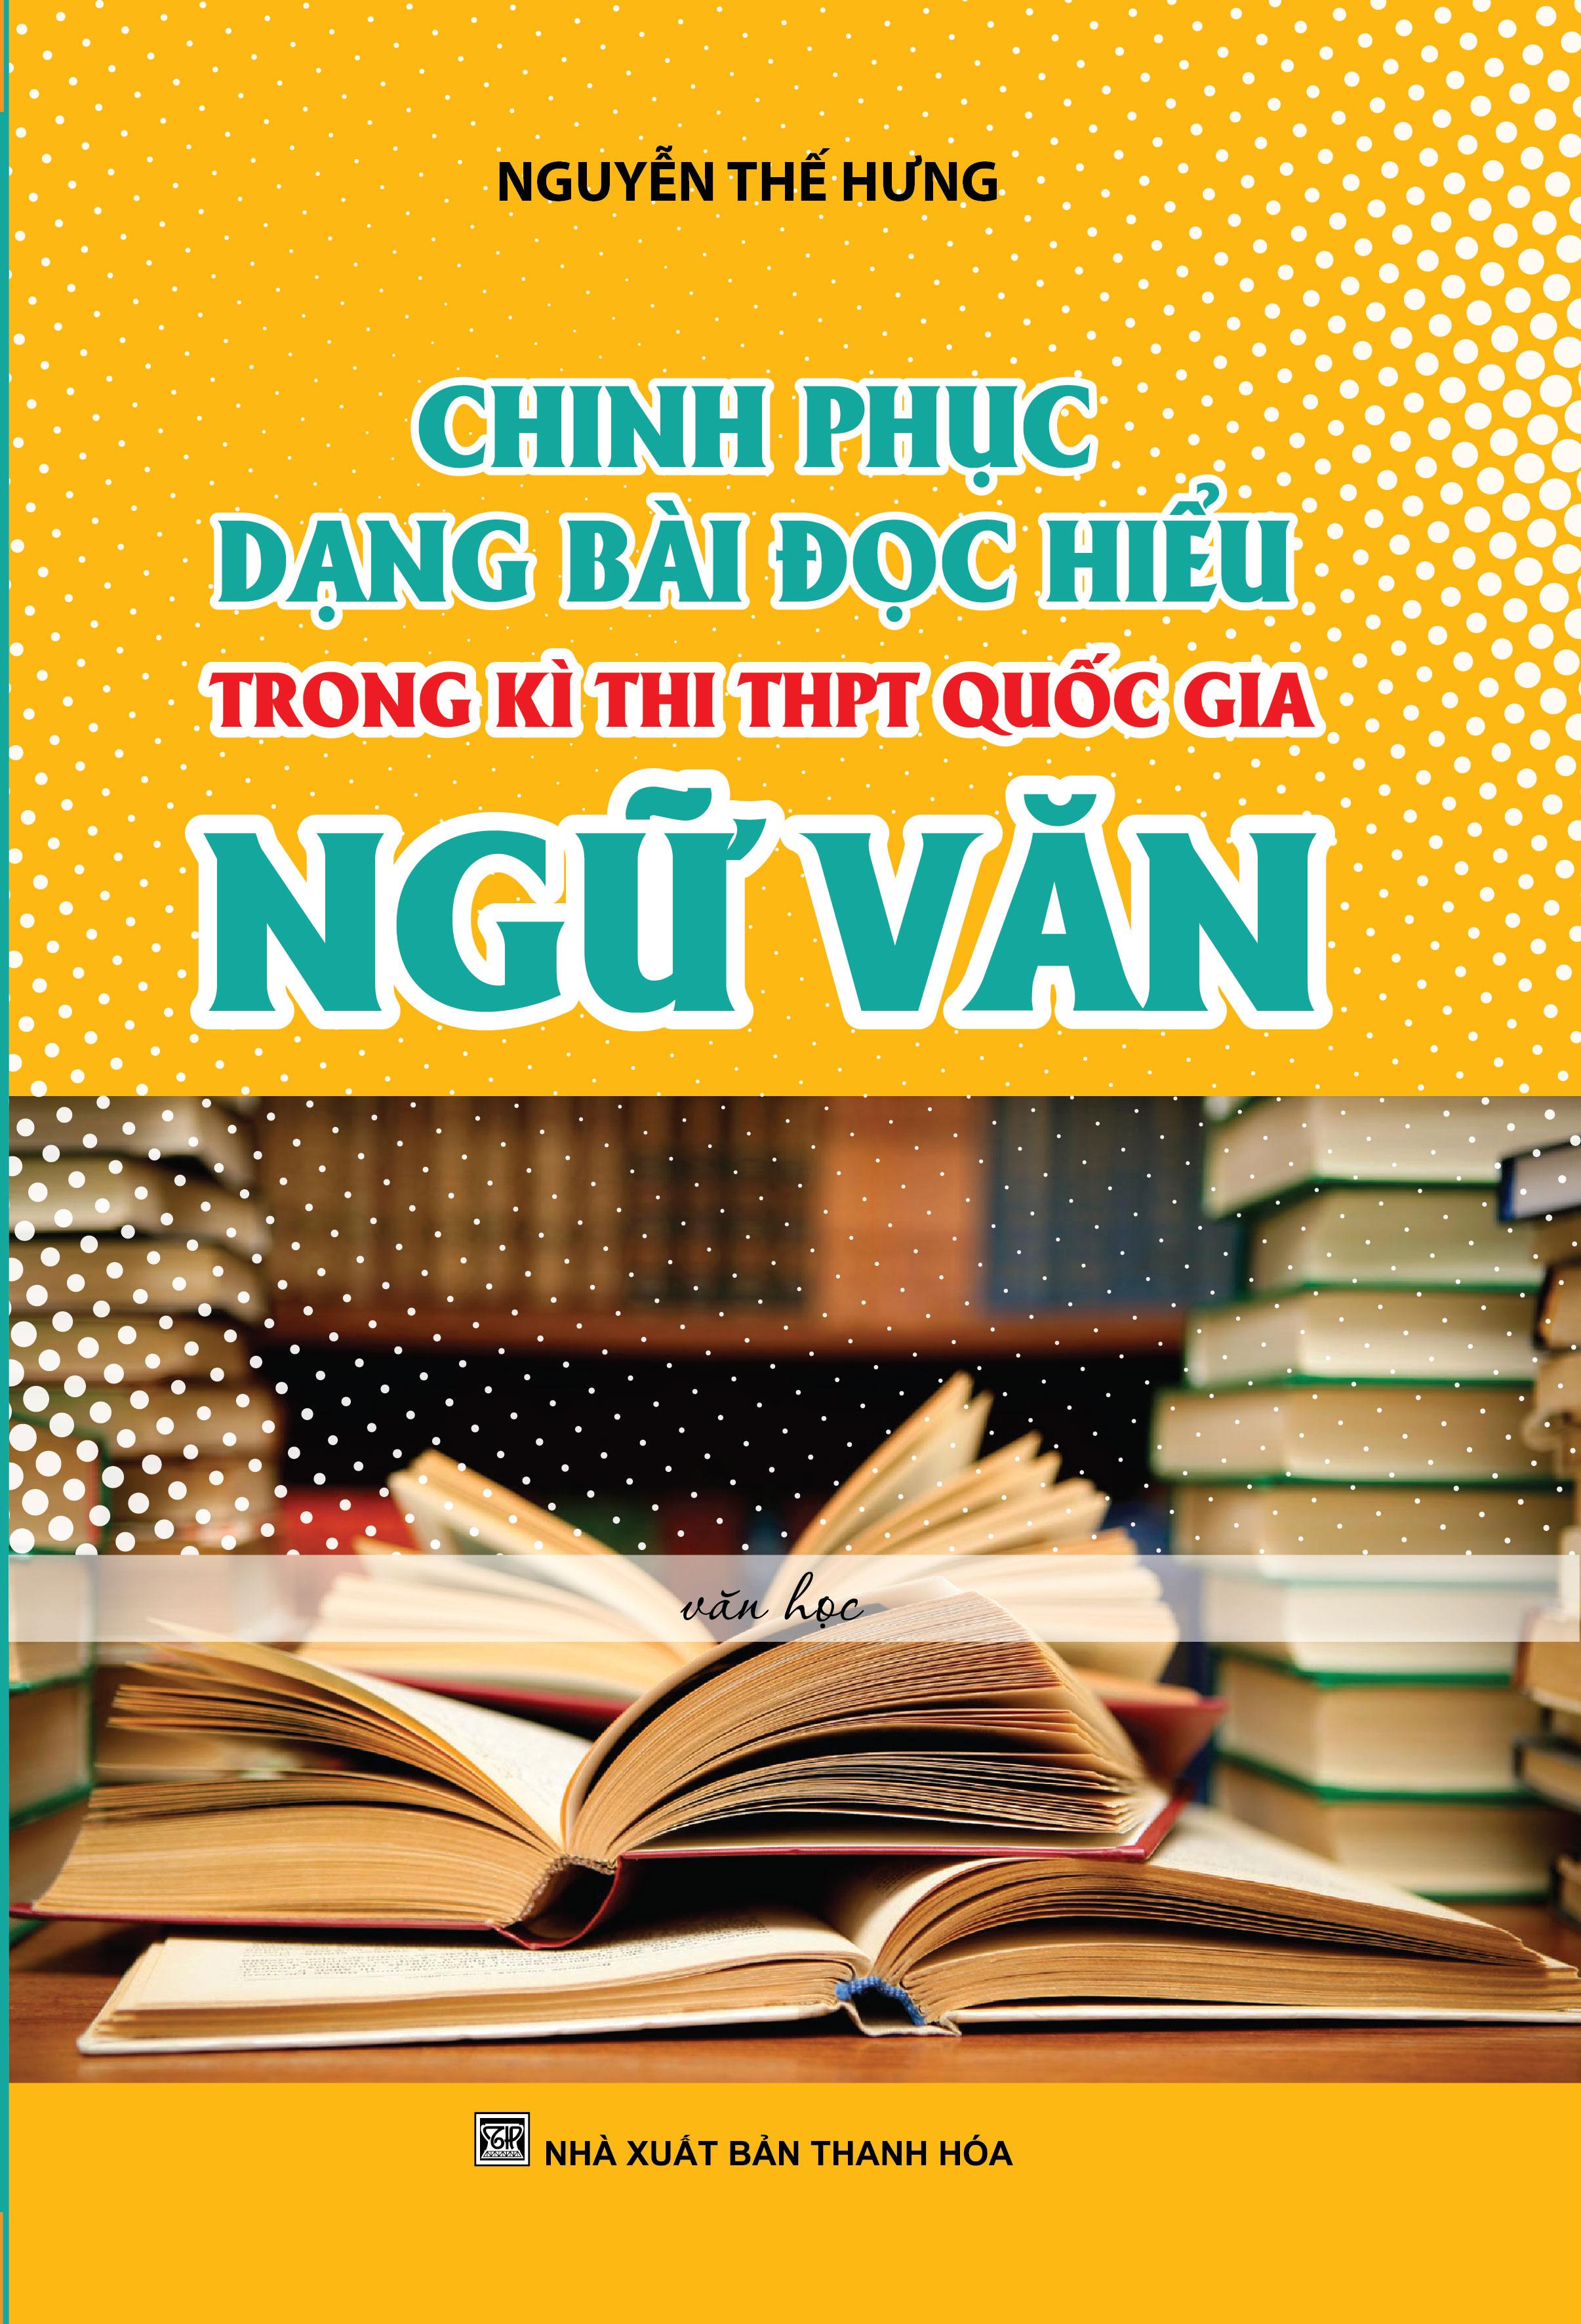 Chinh Phục Dạng Bài Đọc Hiểu Trong Kì Thi THPT Quốc Gia Ngữ Văn - EBOOK/PDF/PRC/EPUB